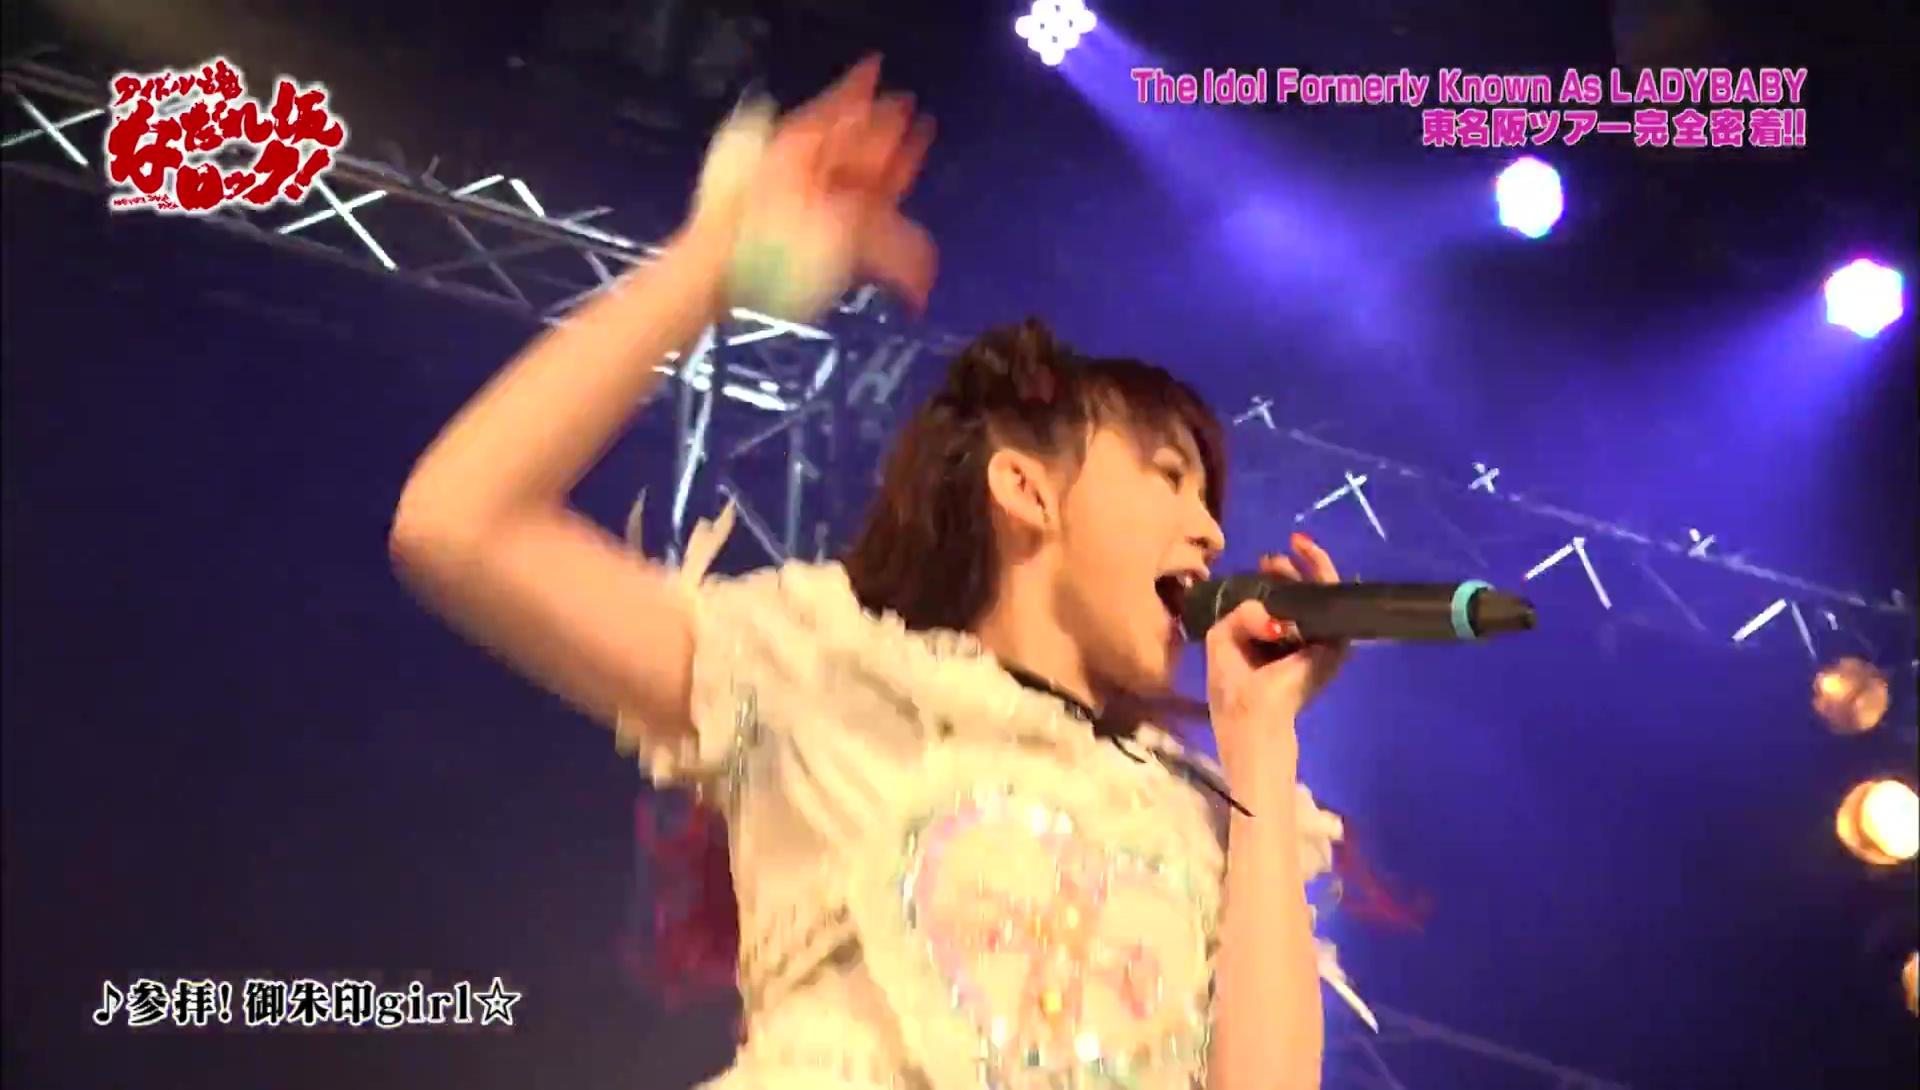 Kaneko Rie (金子理江), Kuromiya Rei (黒宮れい), LADYBABY, Screenshot